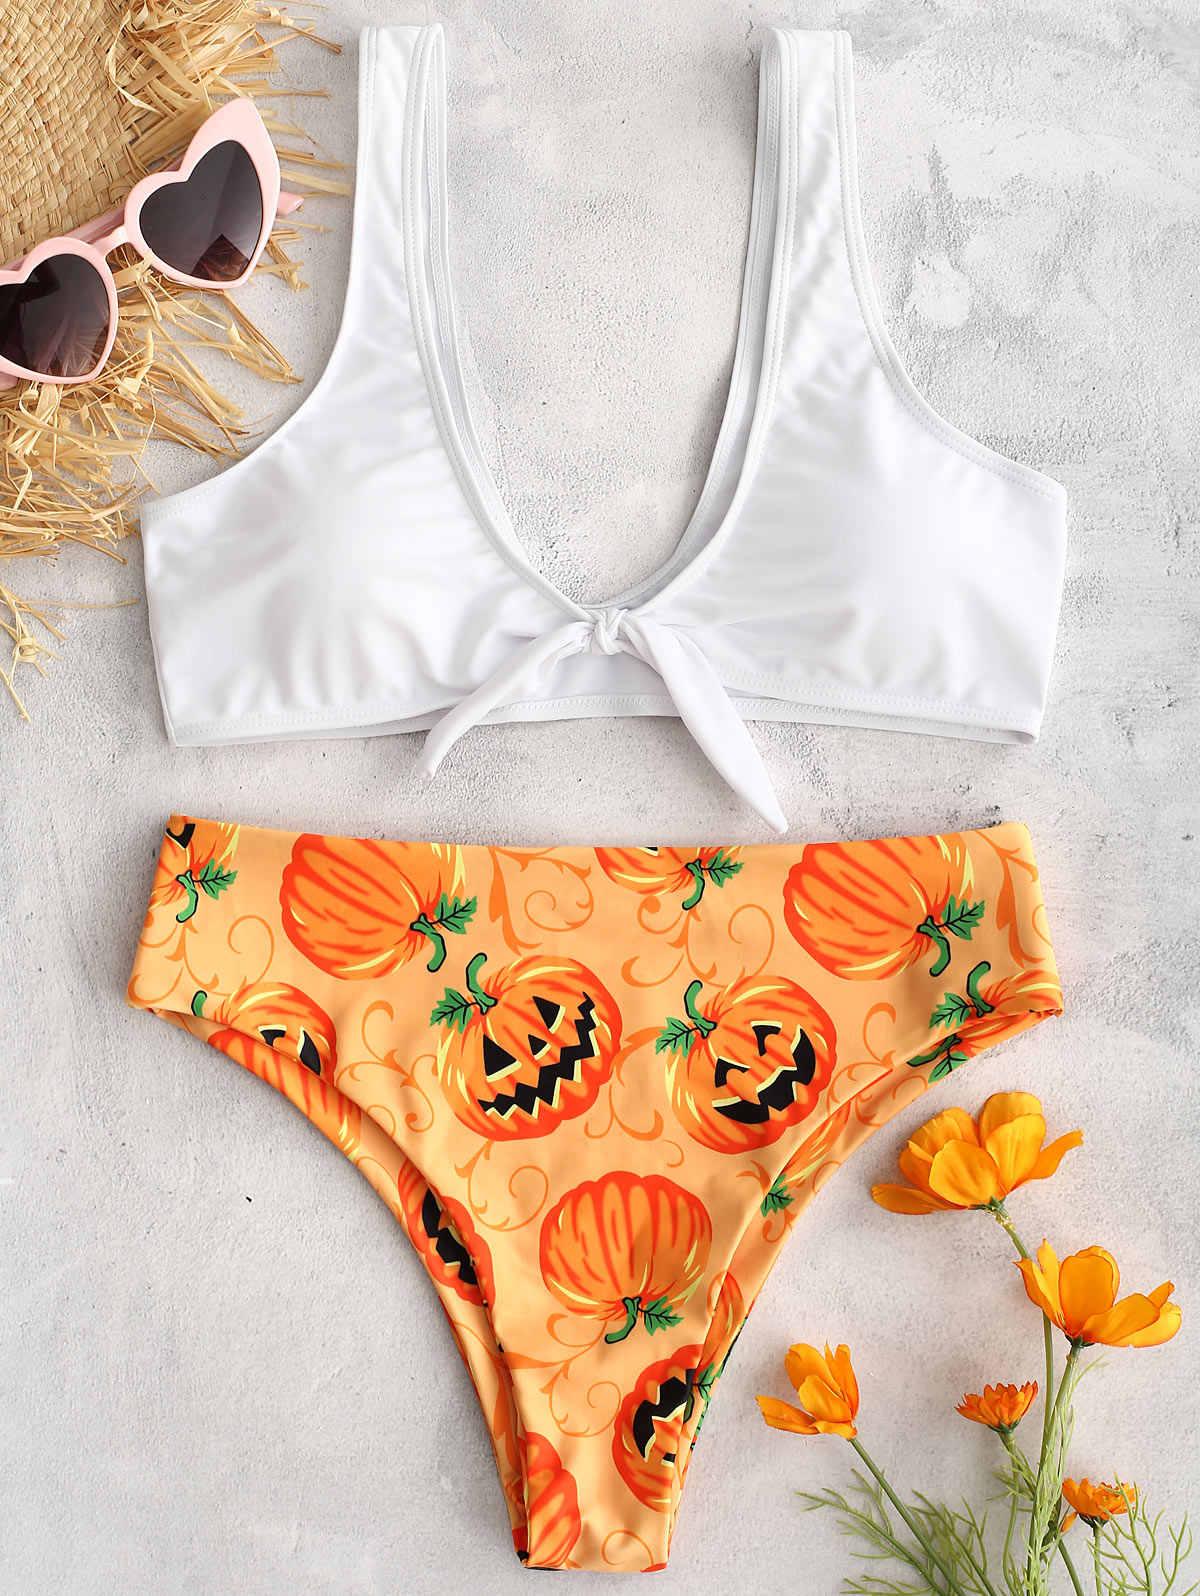 ZAFUL kobiety Bikini zestaw Halter Neck cytryny Bikini Set Print Backless wiązane na fiszbinach podnoszą biust wyściełane pływanie strój kąpielowy na plaży Swimwea